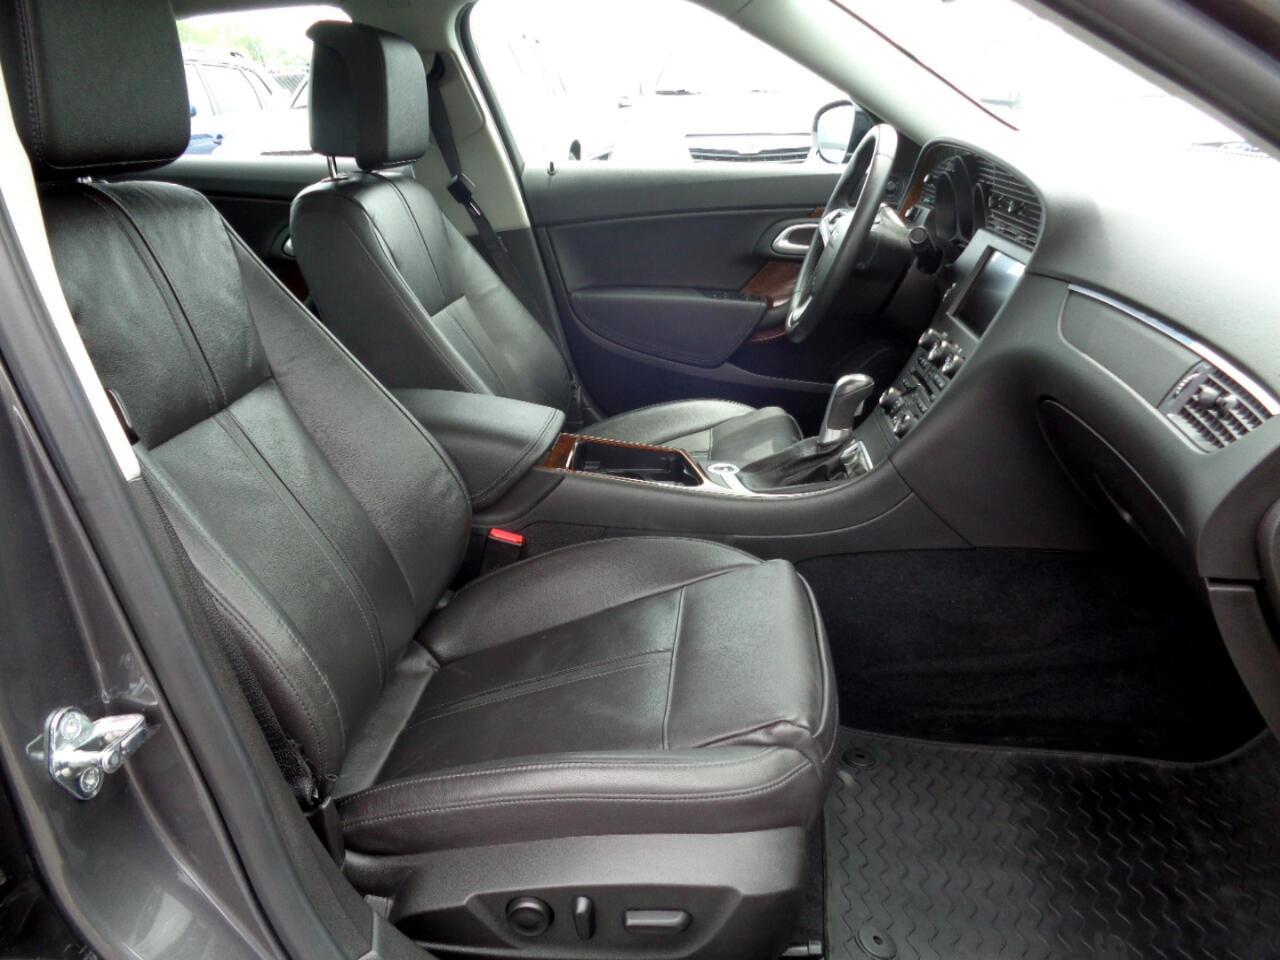 2011 Saab 9-5 Turbo6 XWD